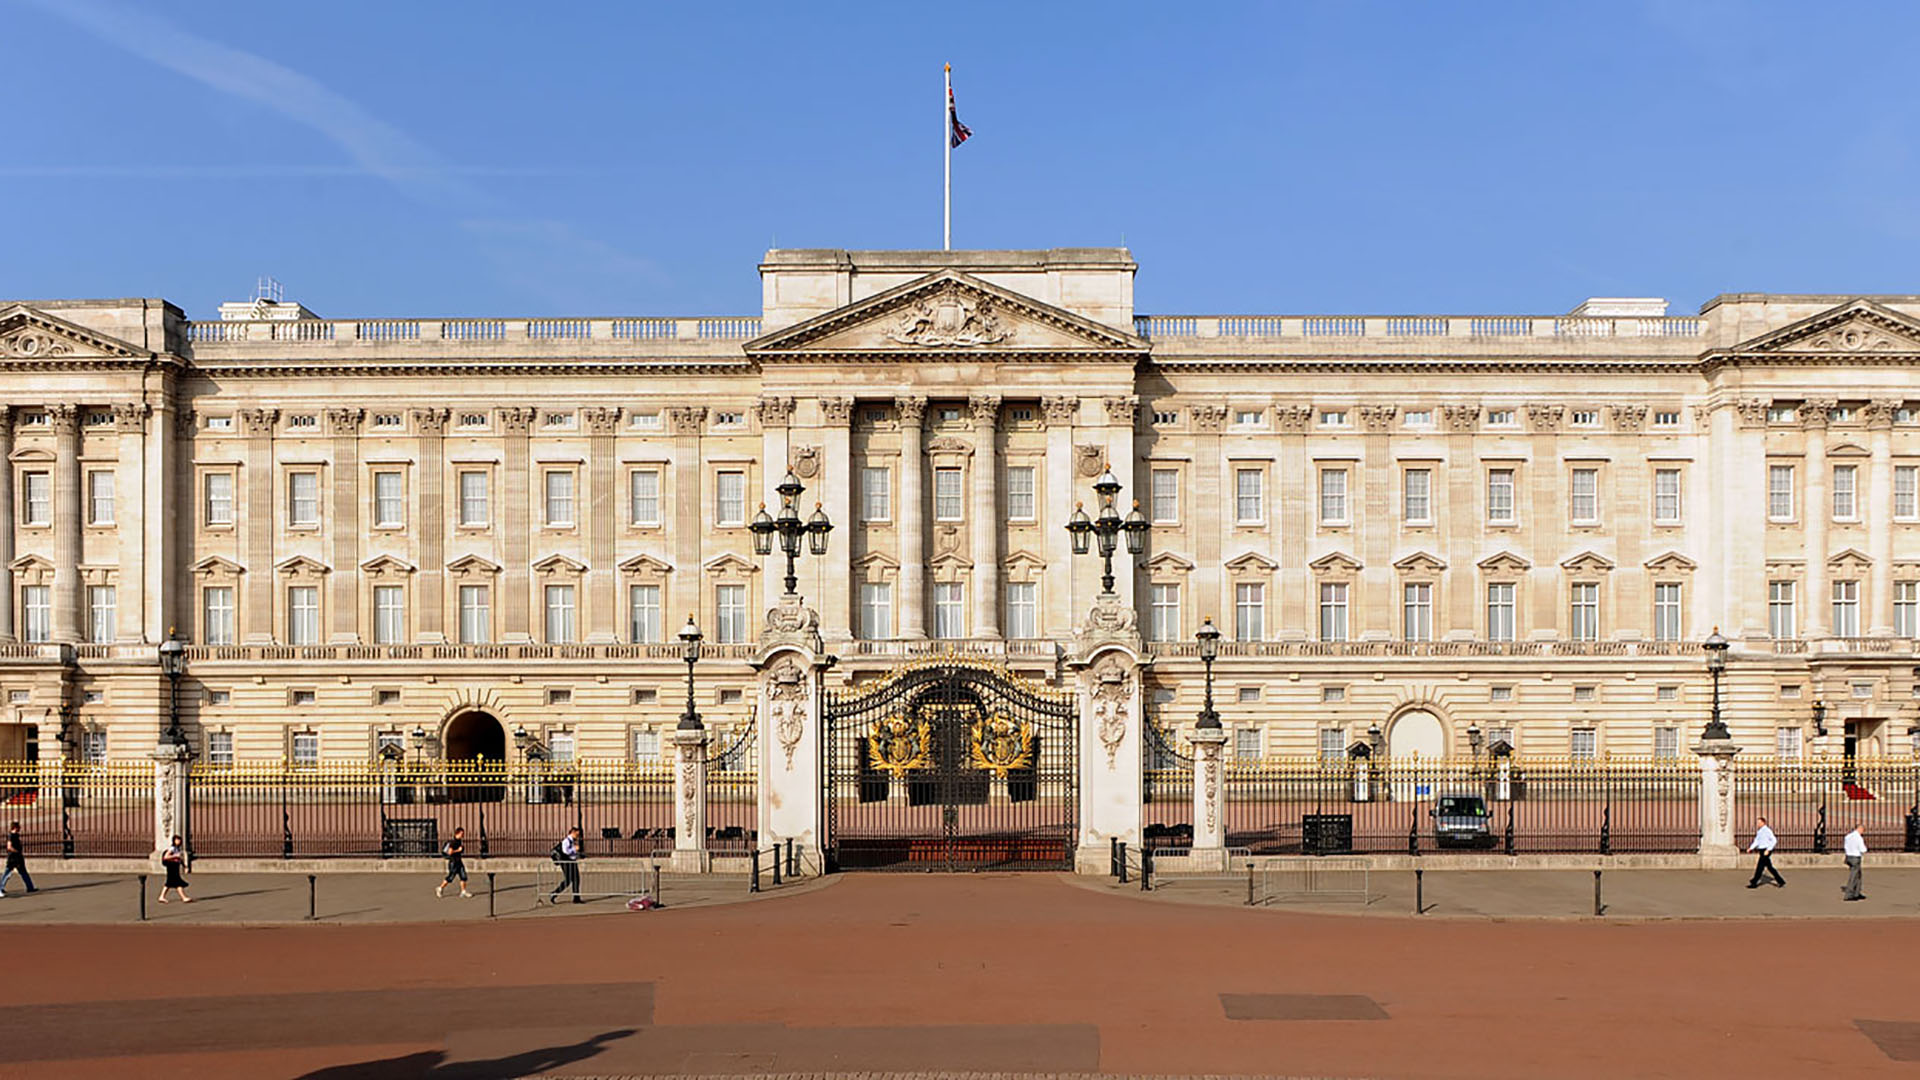 Hoy dio inicio la celebración del cumpleaños de la reina Isabel II